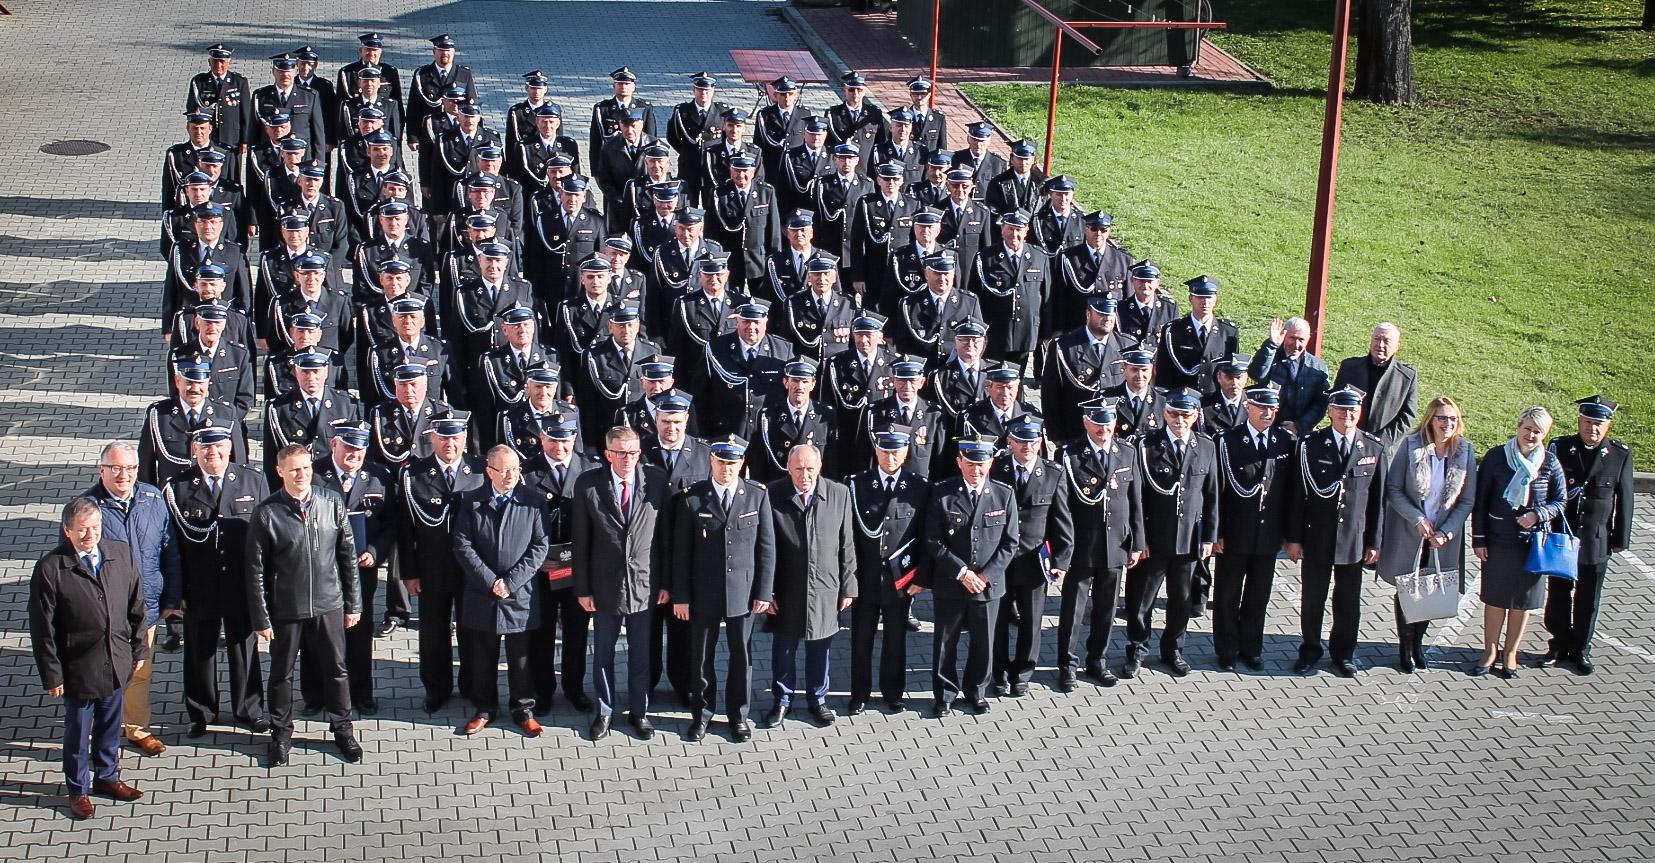 Po 5000 zł trafiło do 94 jednostek OSP z całego powiatu mieleckiego! [FOTO] - Zdjęcie główne